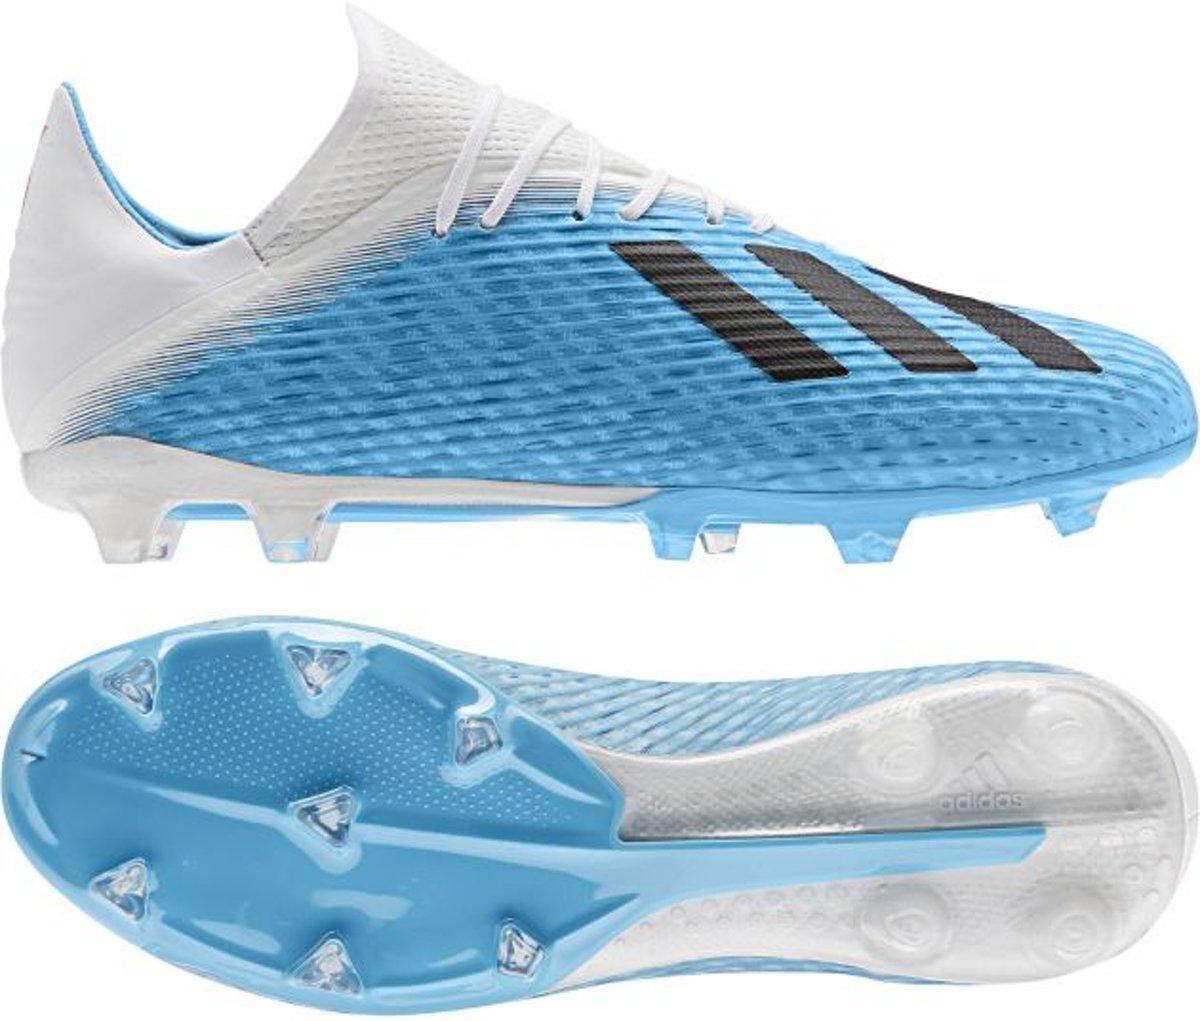 adidas X 19.2 FG Hard Wired Voetbalschoenen Heren Bright CyanBlackPink Maat 42